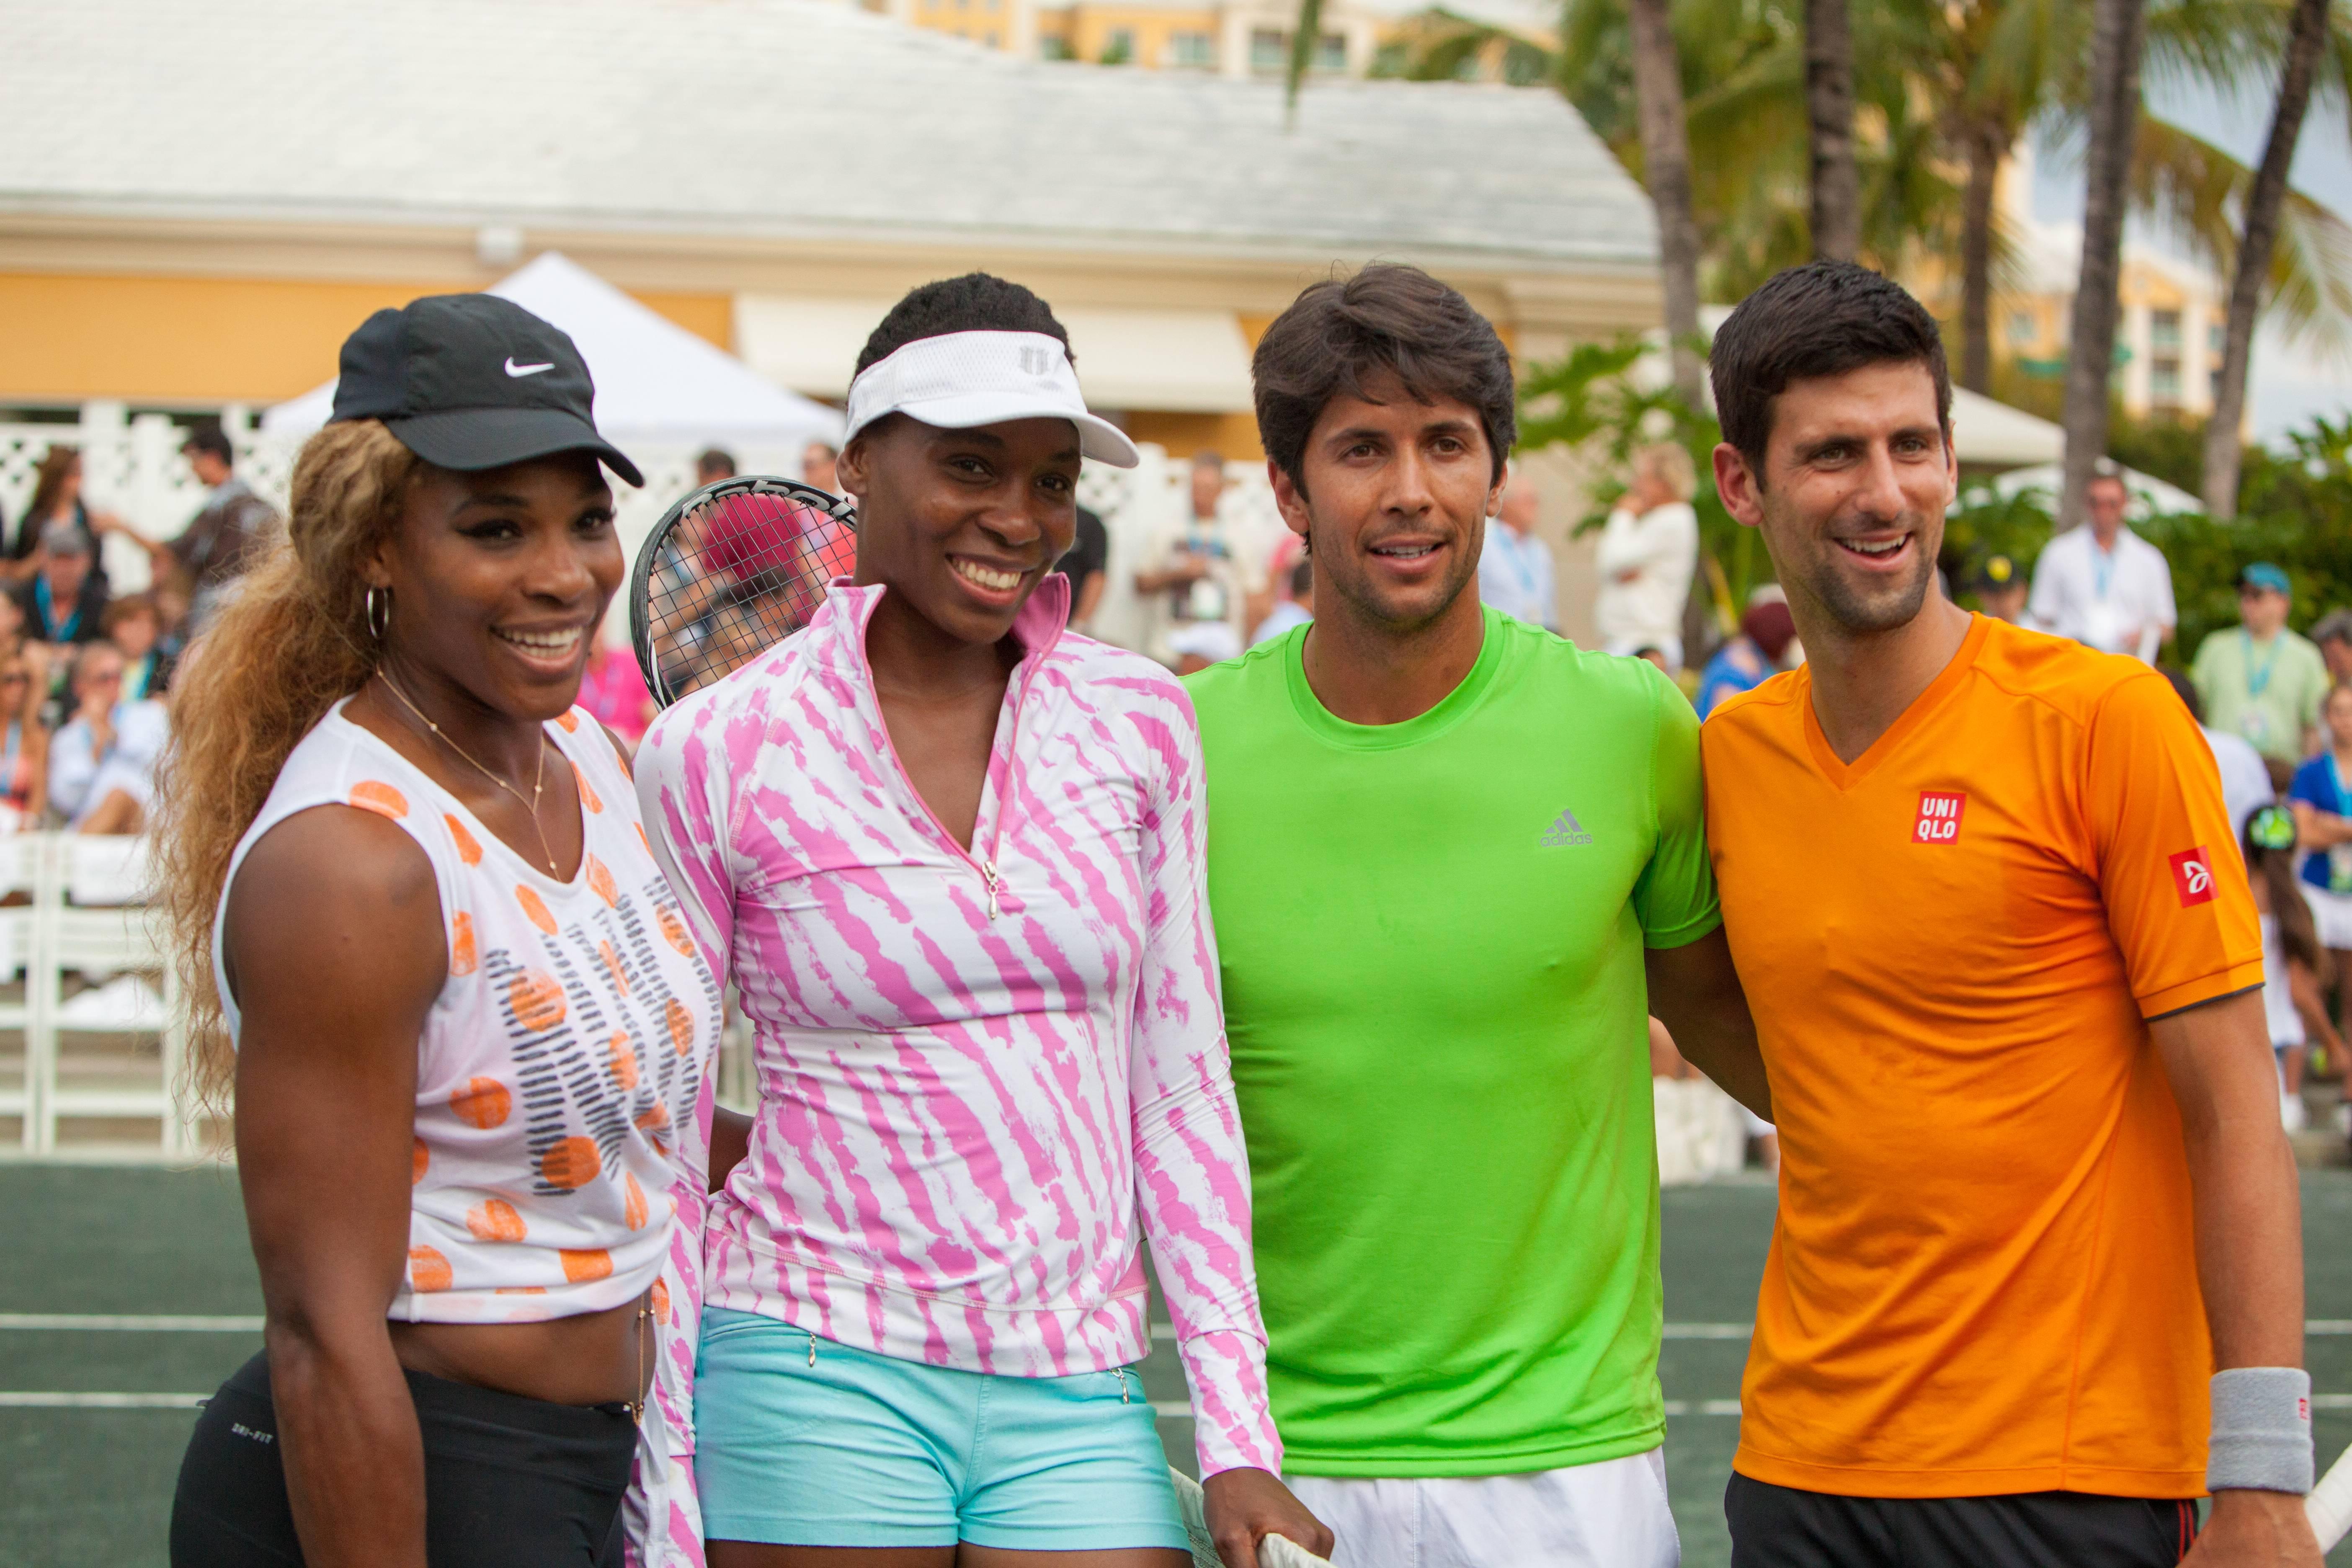 Serena&VenusWilliamsFernandoVelascoNovakDjokovic